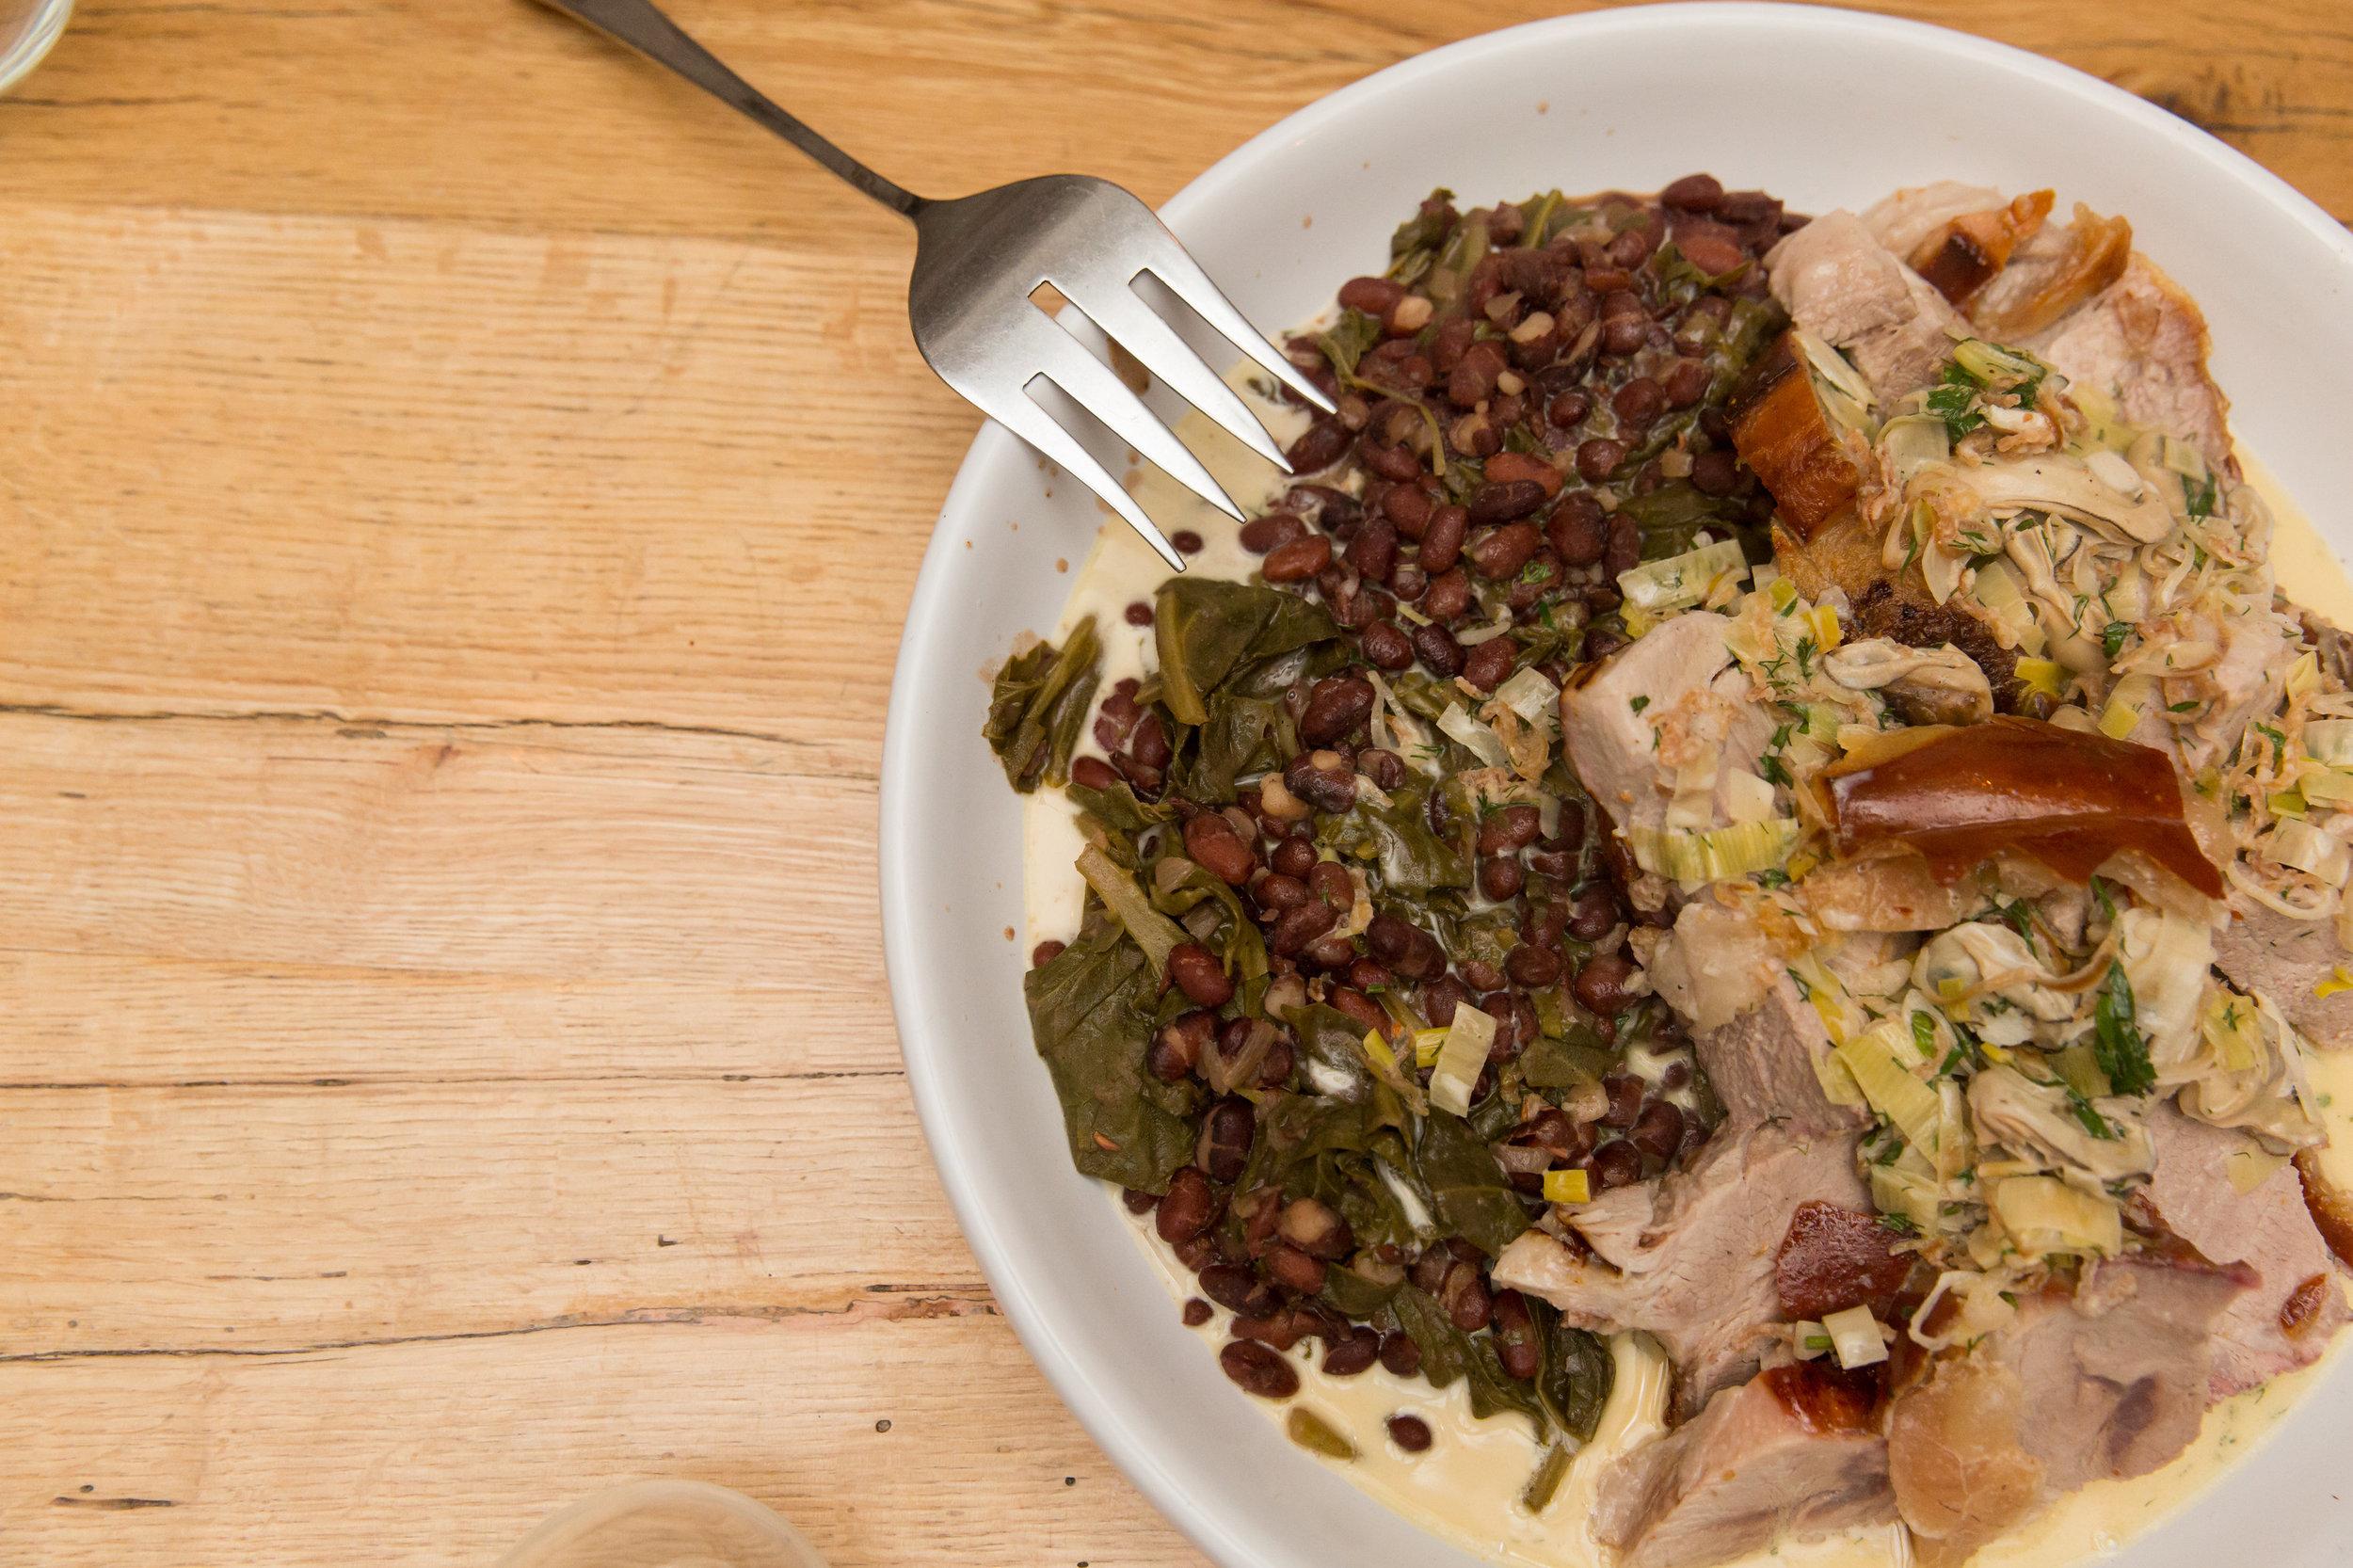 Braised Pork And Greens From The Whelk Westport